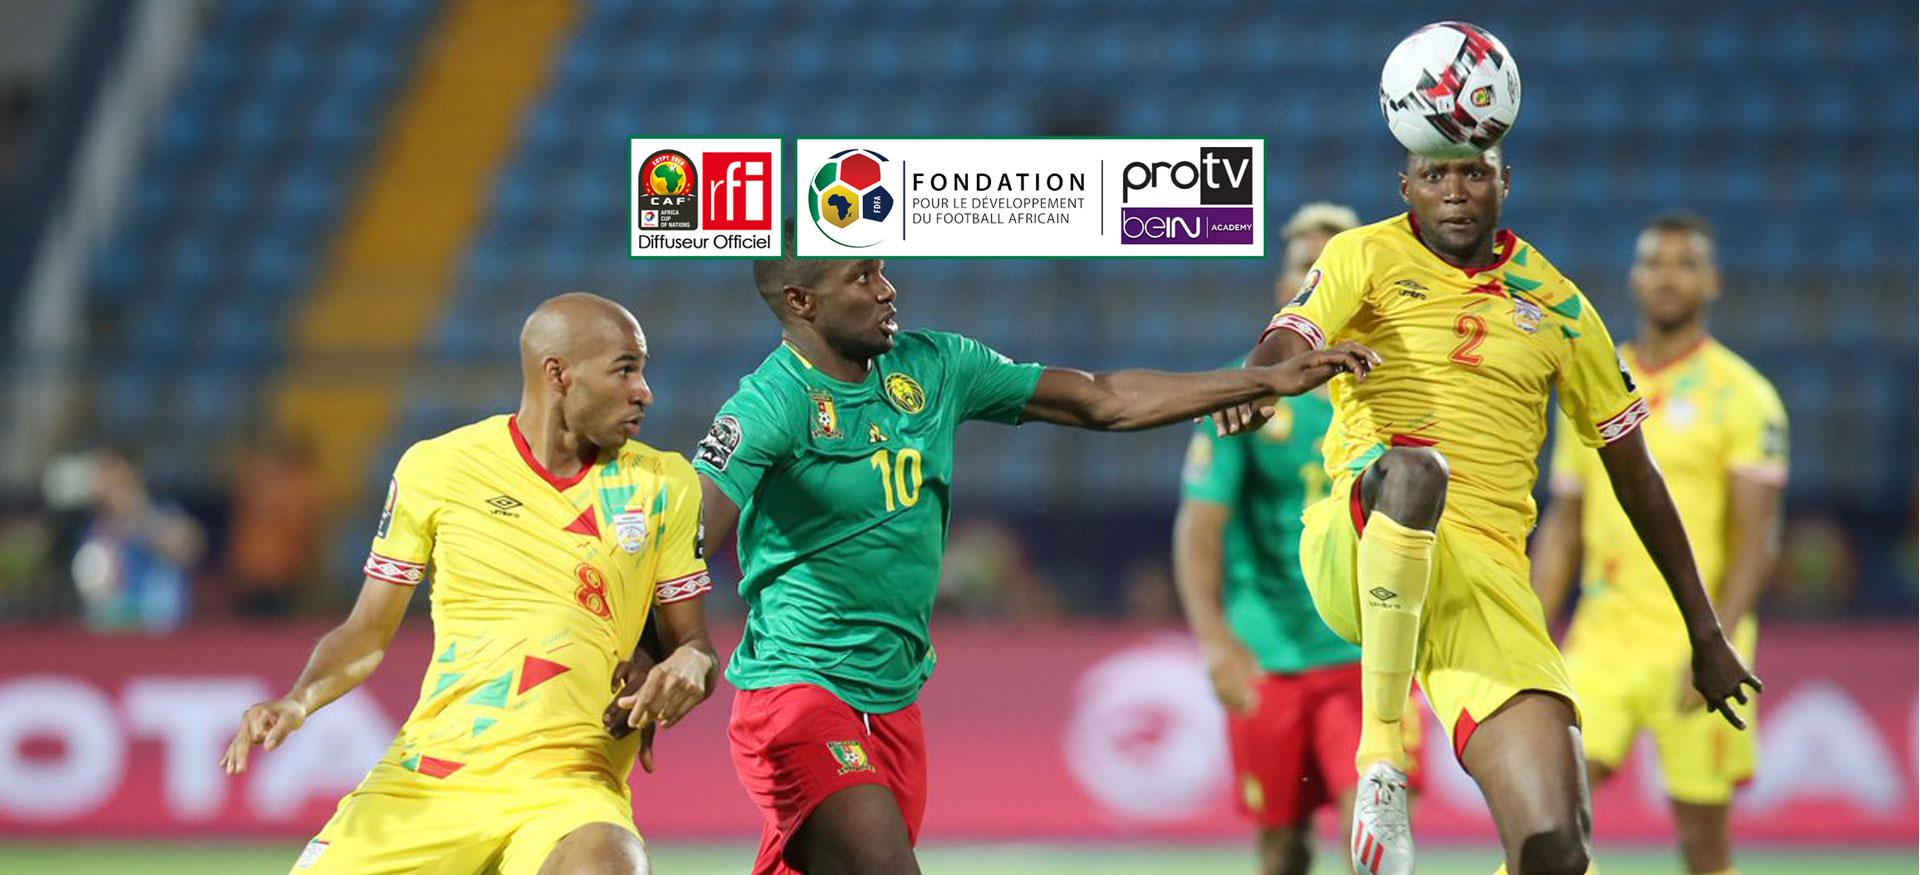 la visibilité du football africain